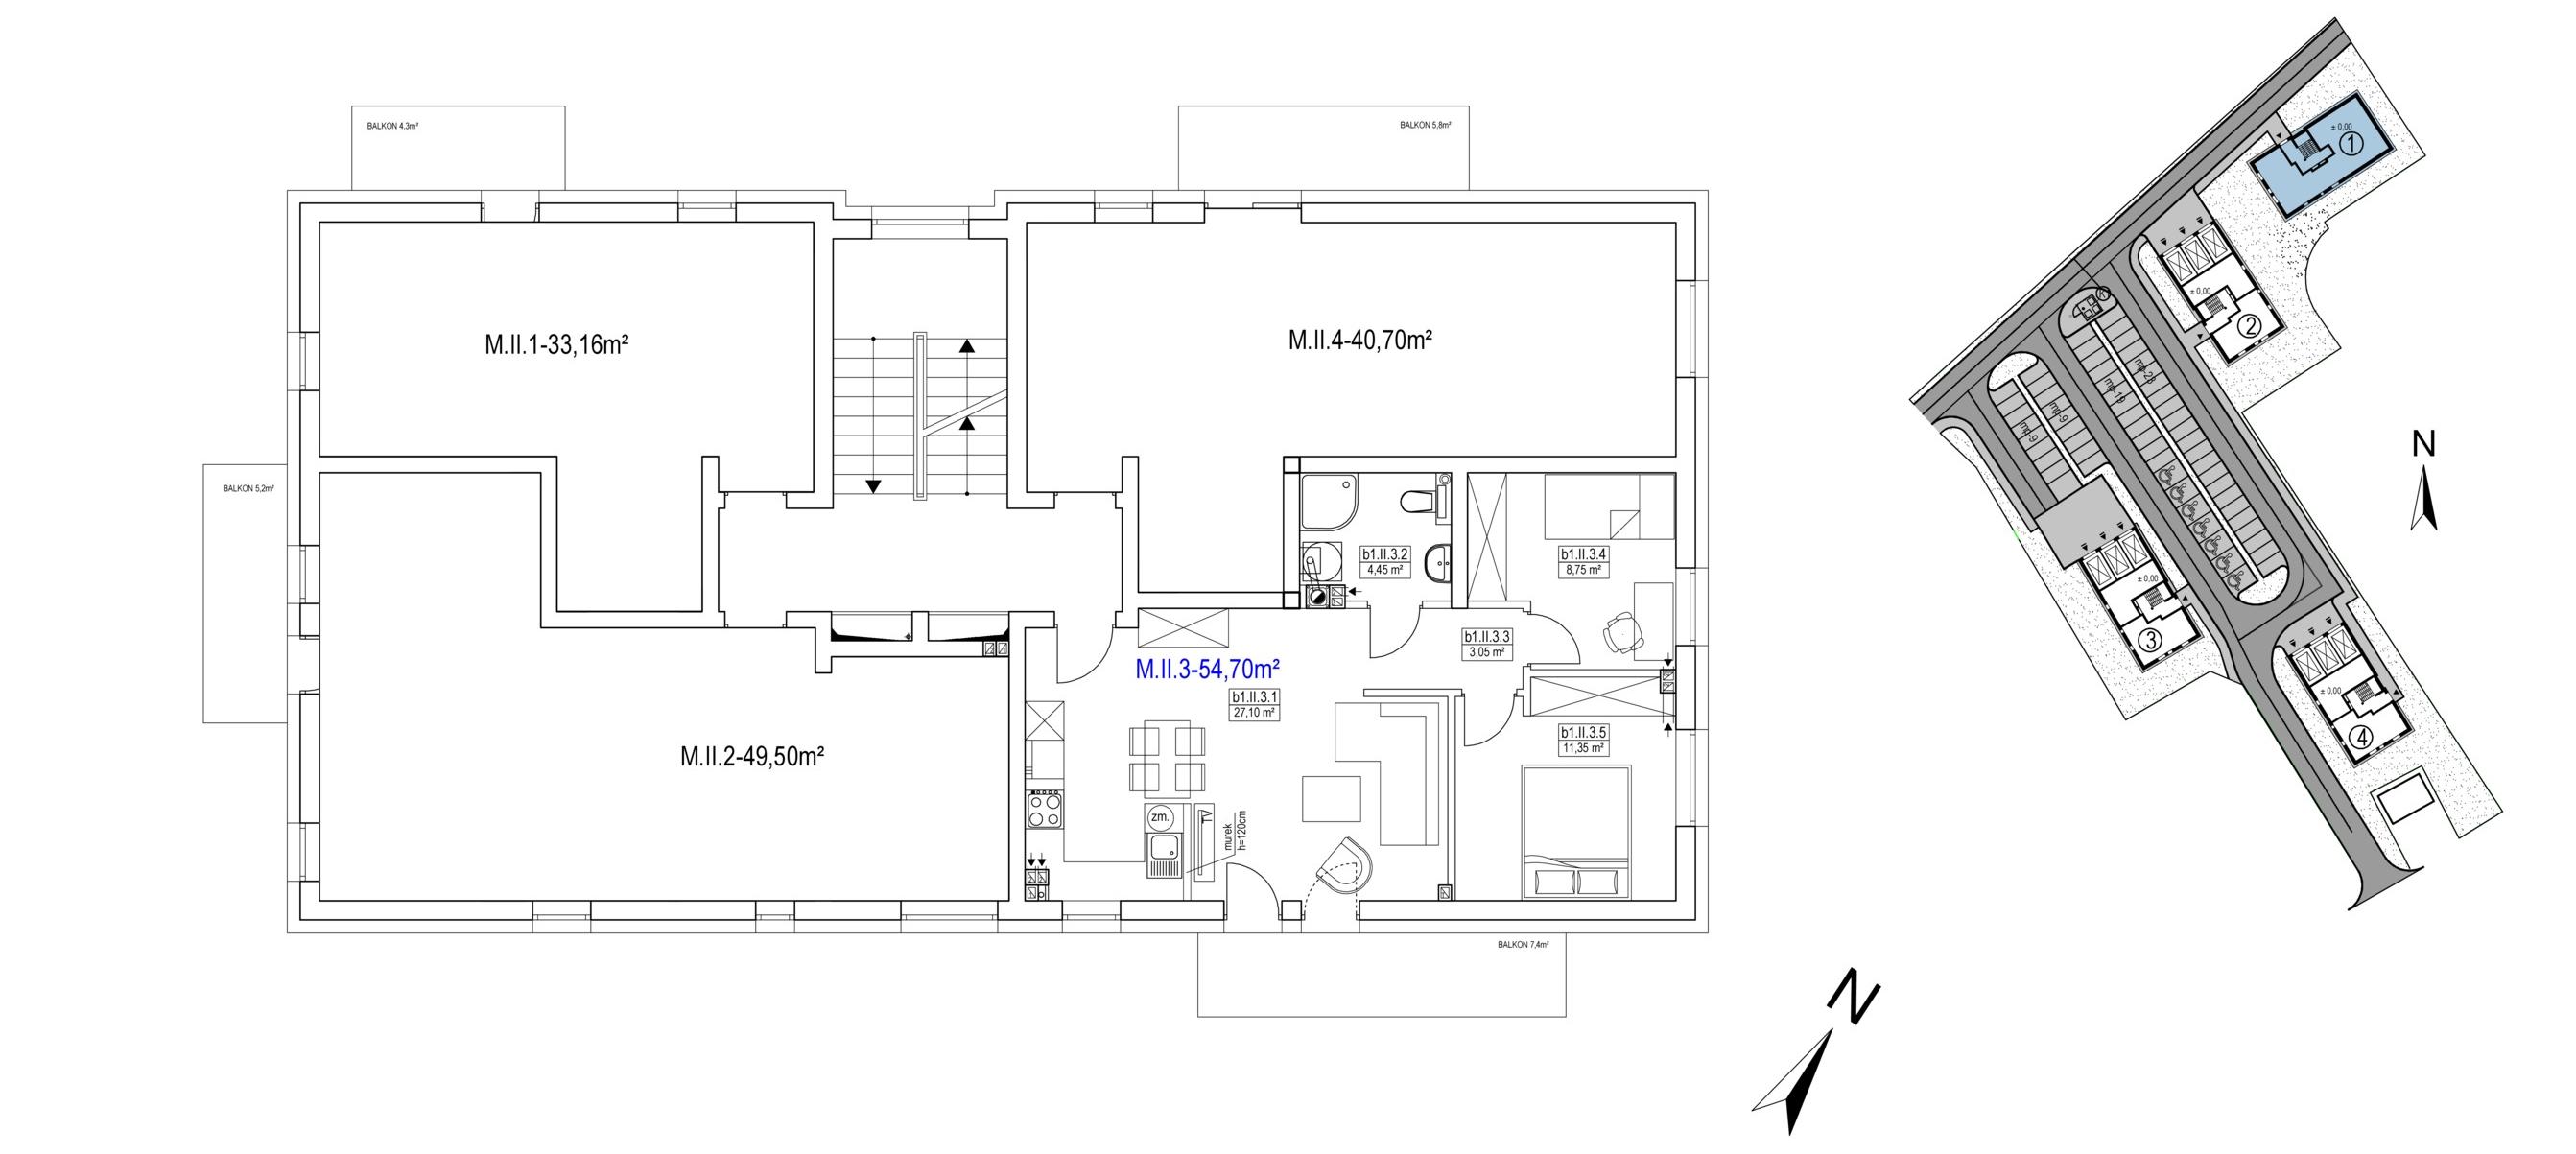 /assets/img/flats/B1.M.II.3.jpg